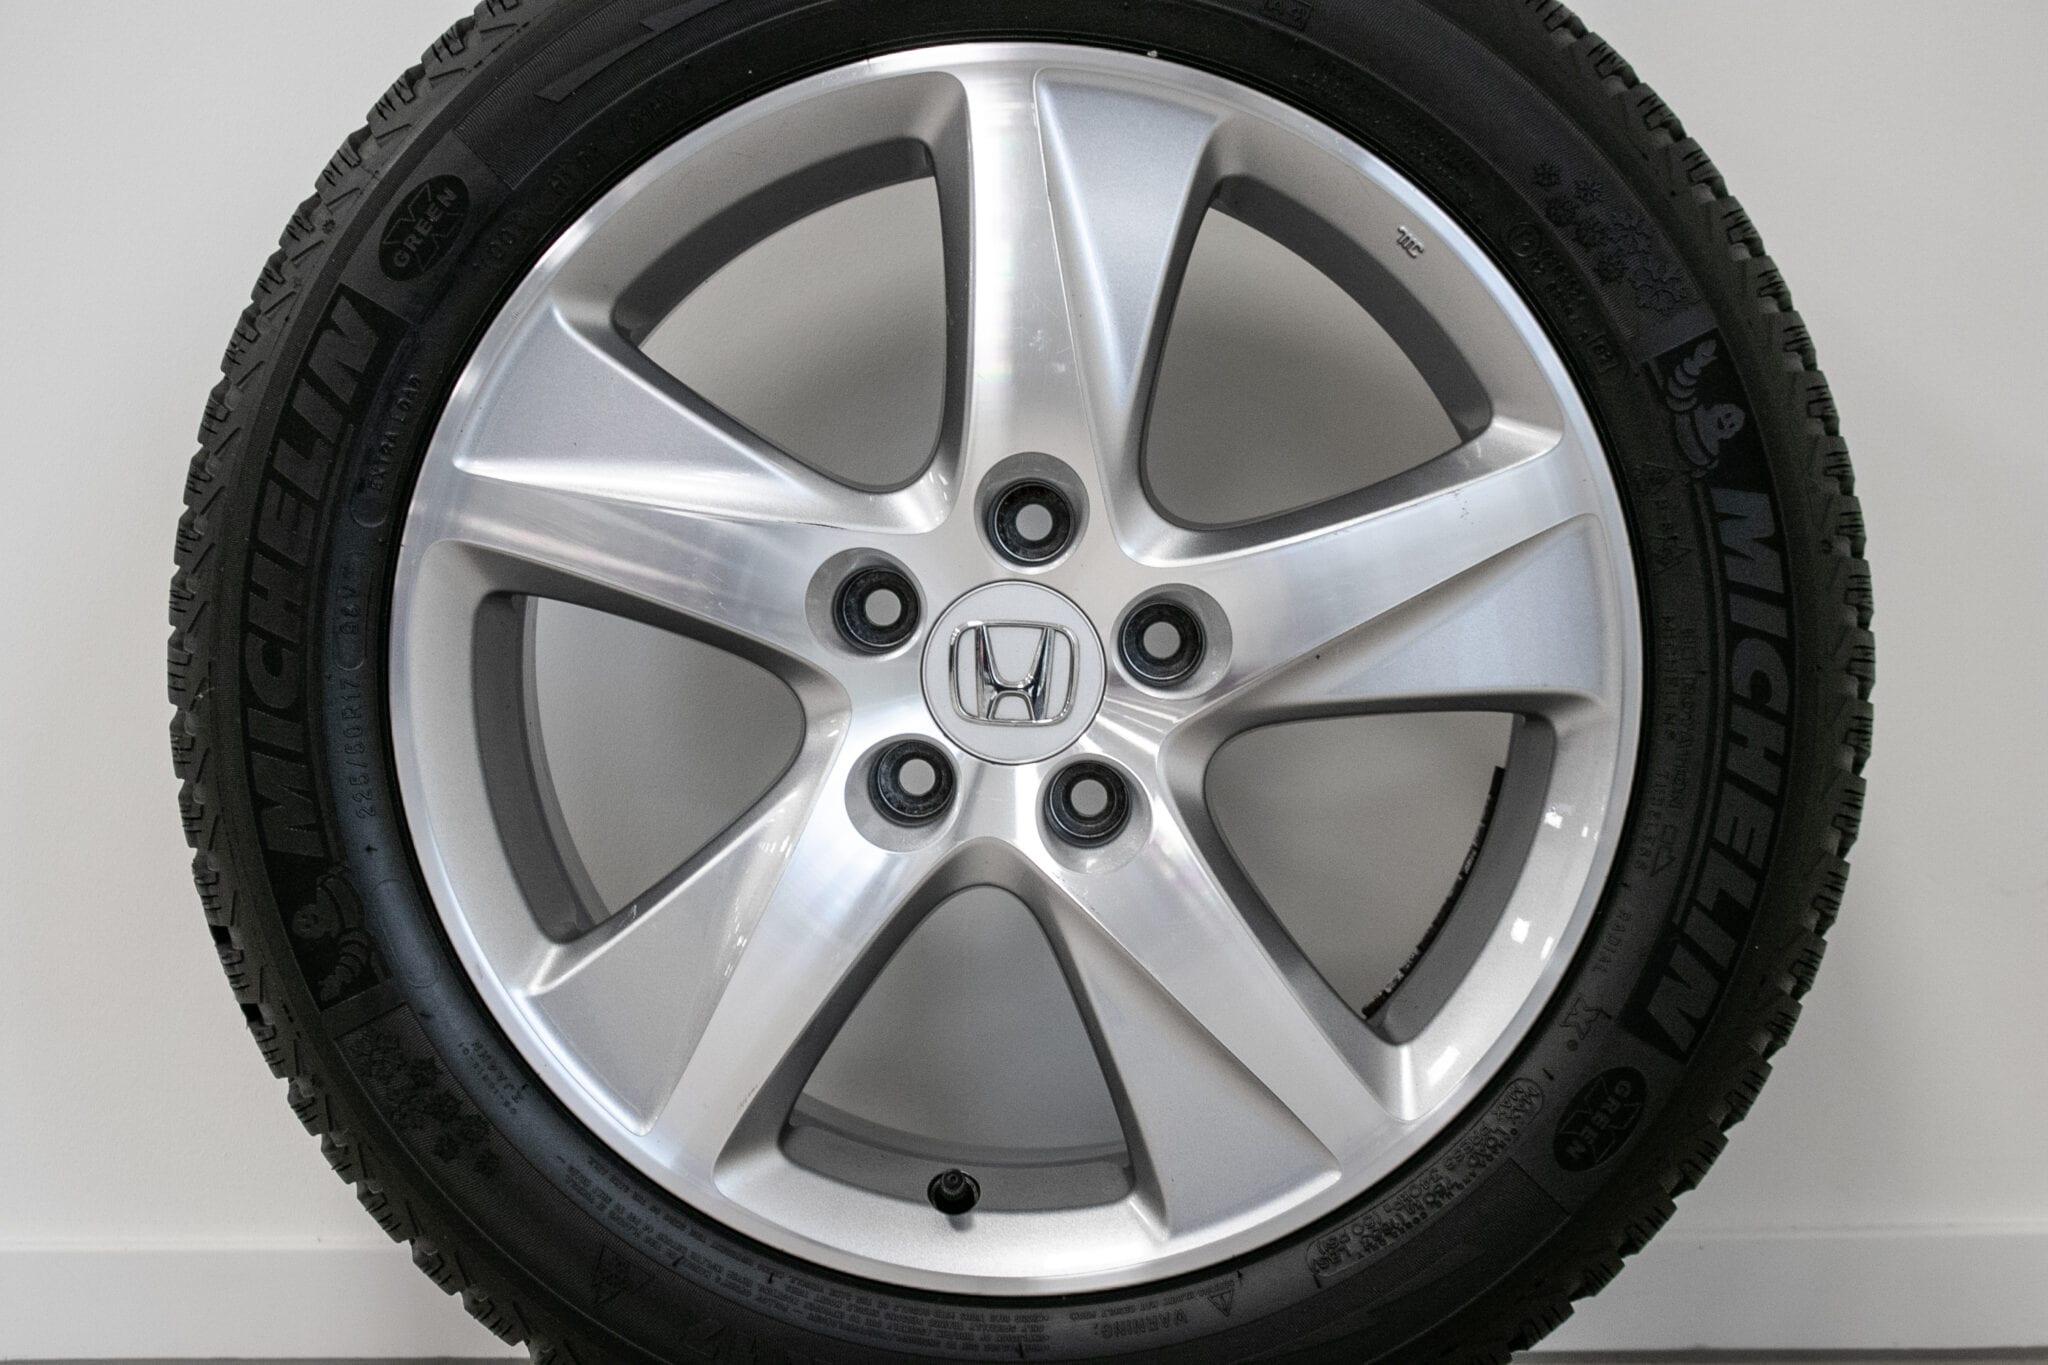 """17"""" Winterwielen voor de Honda Accord ('09>) €499 Gebruikt. Profieldiepte: 6.5mm - 7.5mm"""